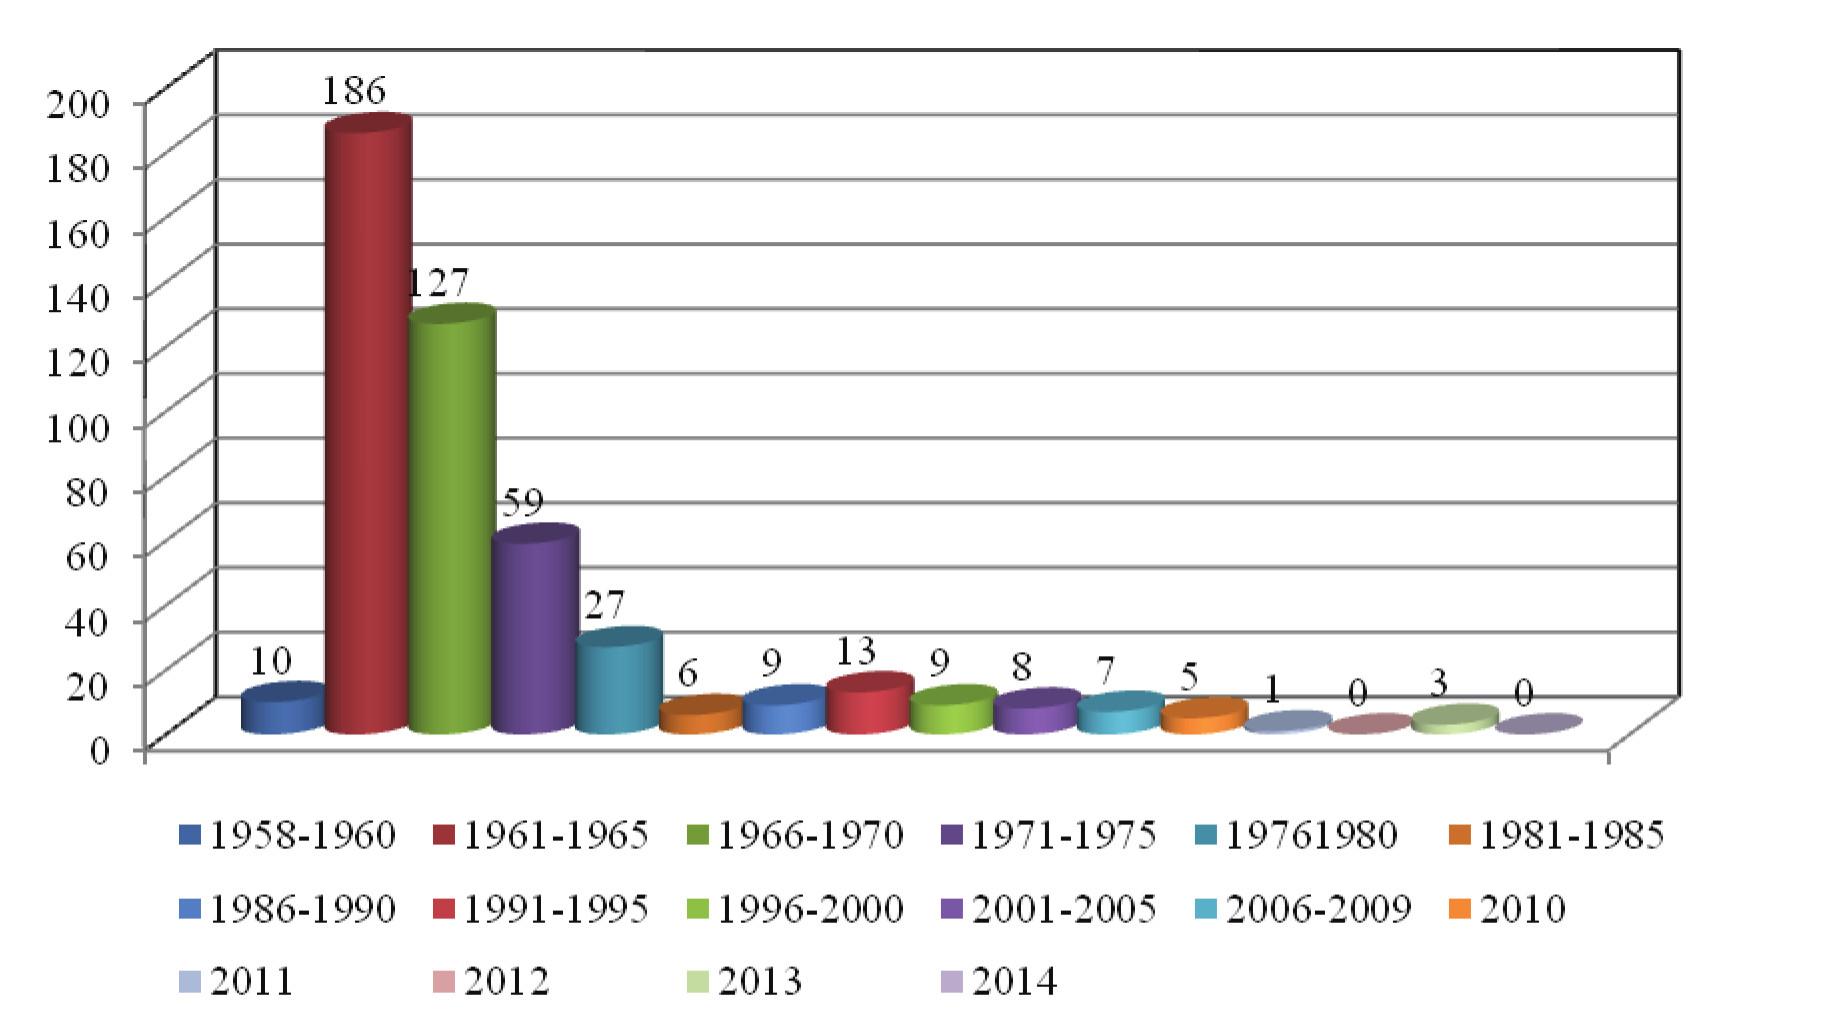 Tubera mulgentium v ČR – 5leté intervaly/ průměr za 1 rok, od r. 2010 počet/rok